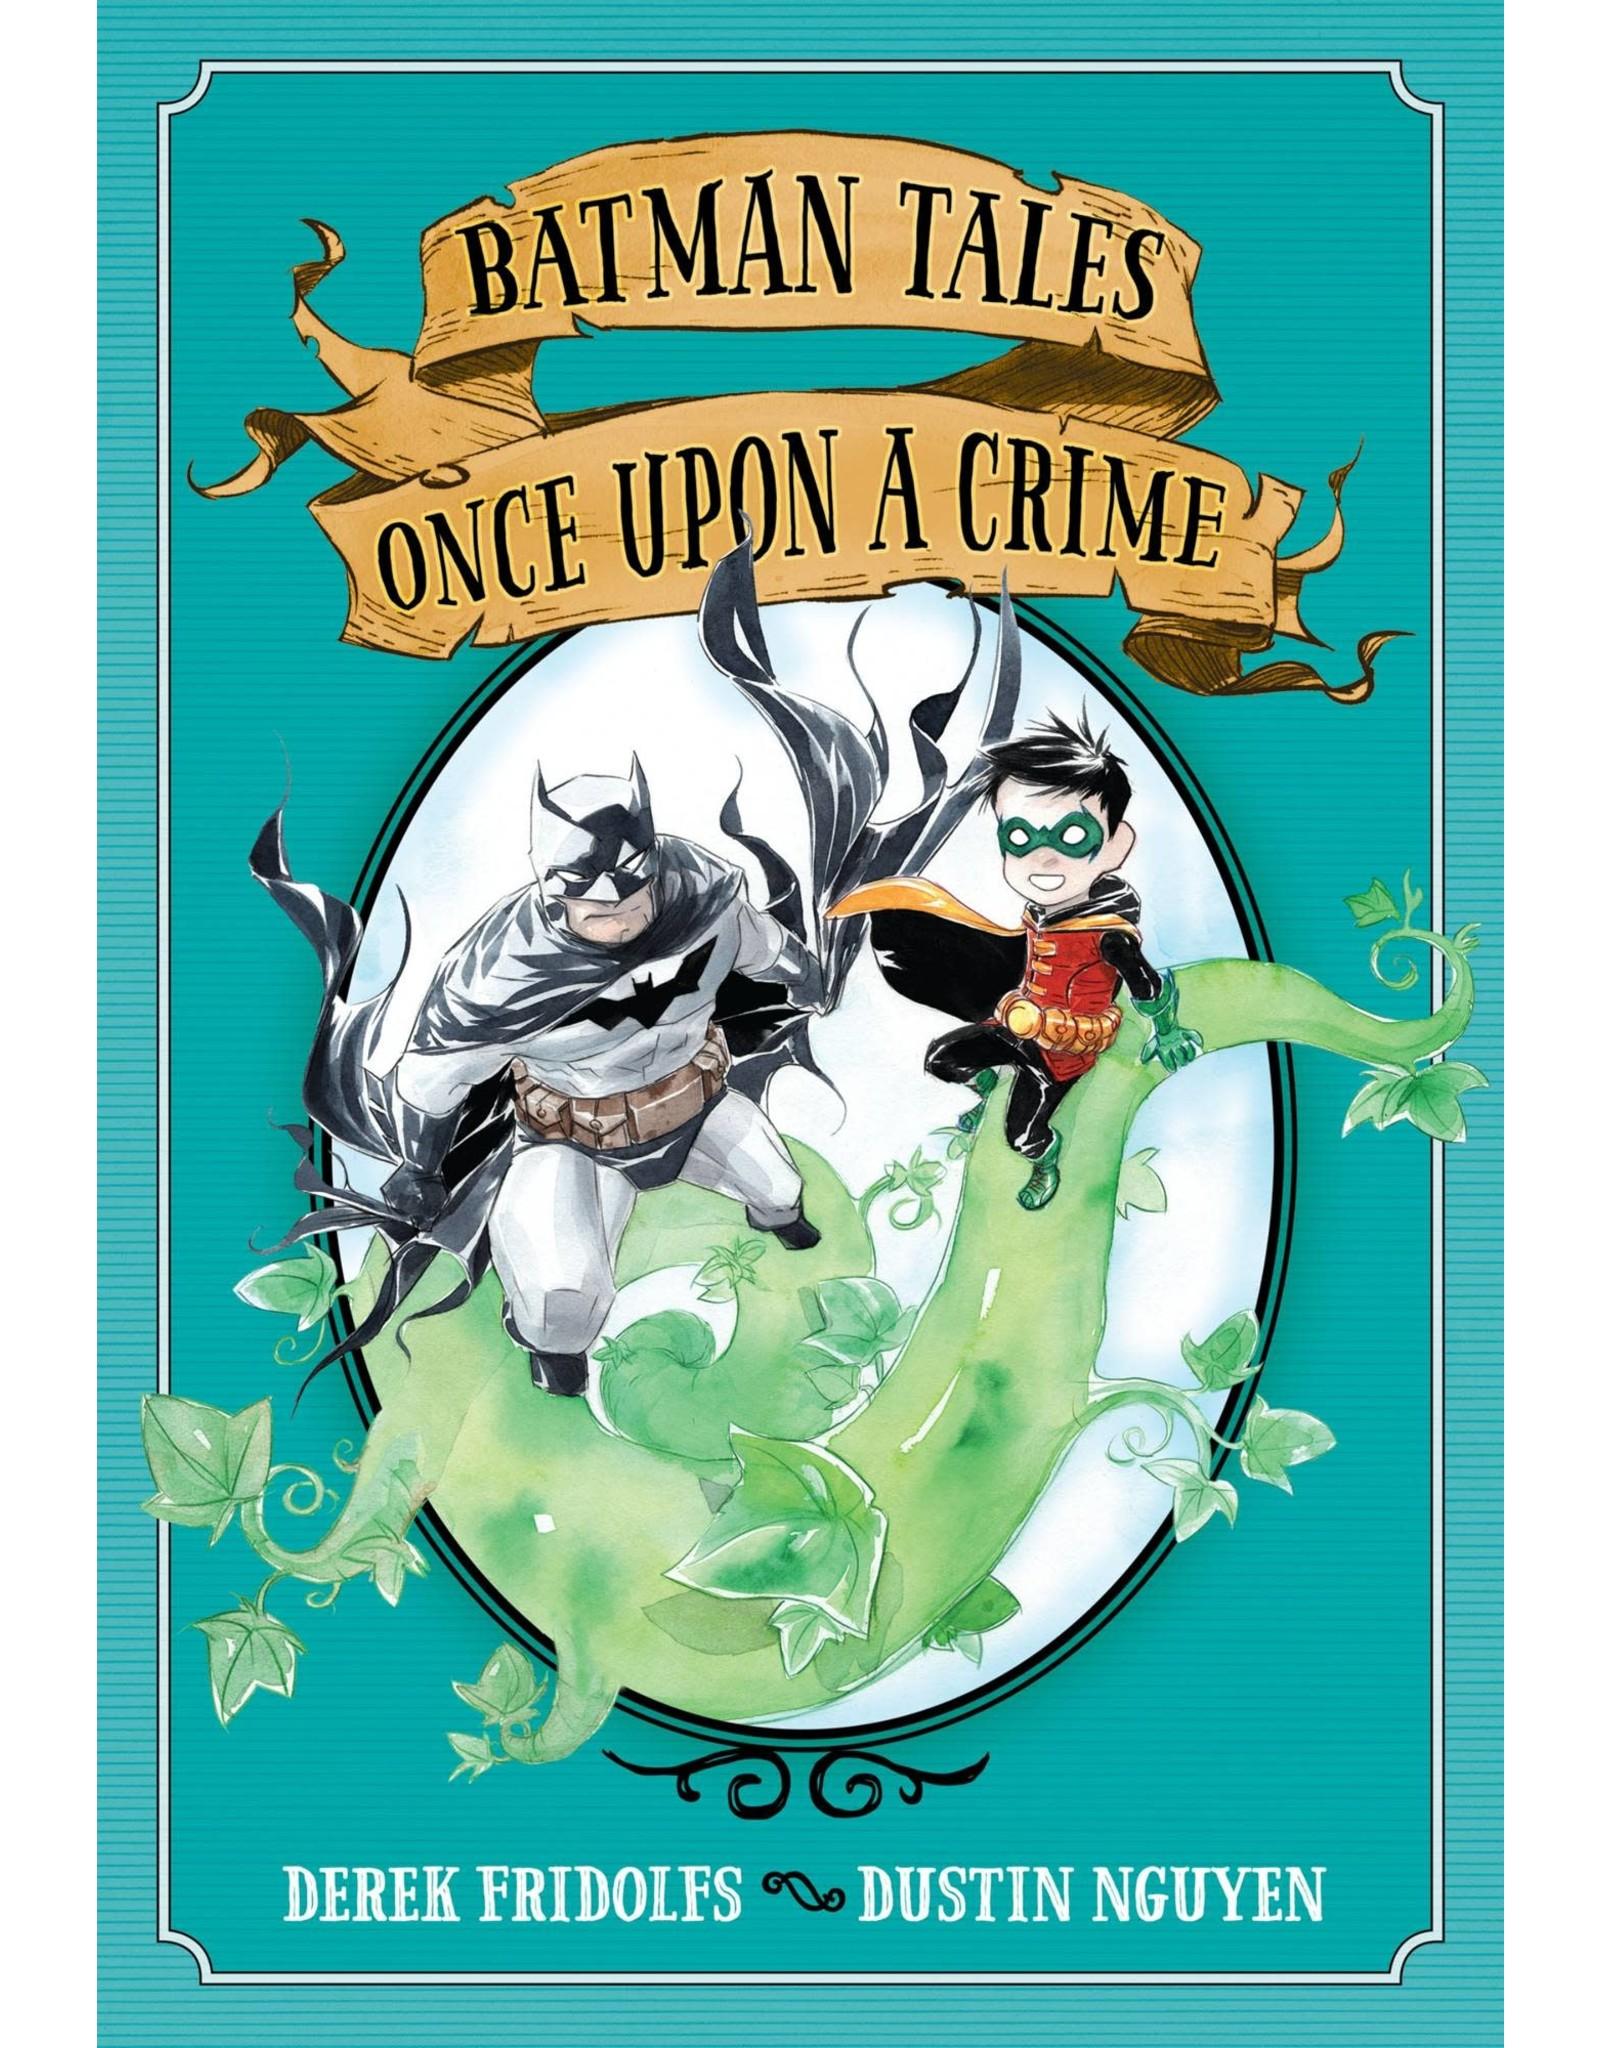 DC COMICS BATMAN TALES ONCE UPON A CRIME TP